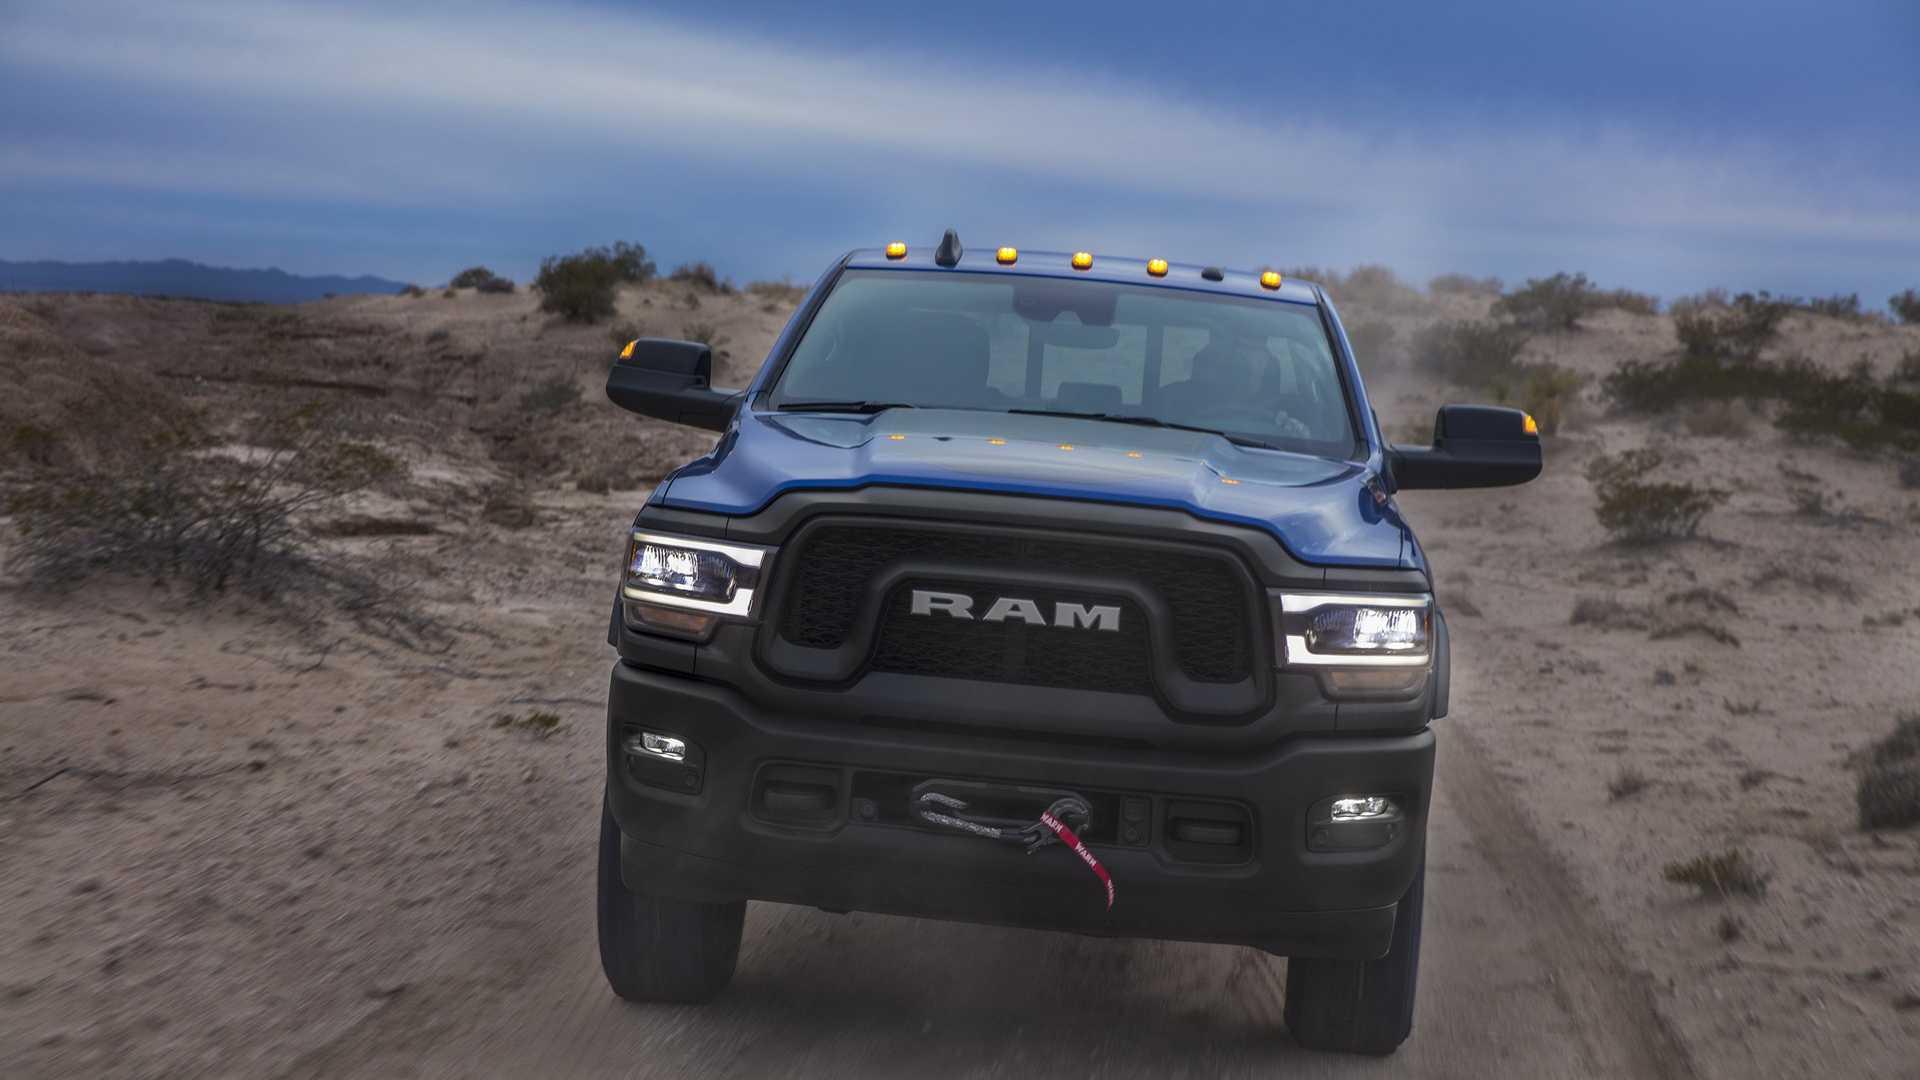 2019-ram-heavy-duty-exterior (88)